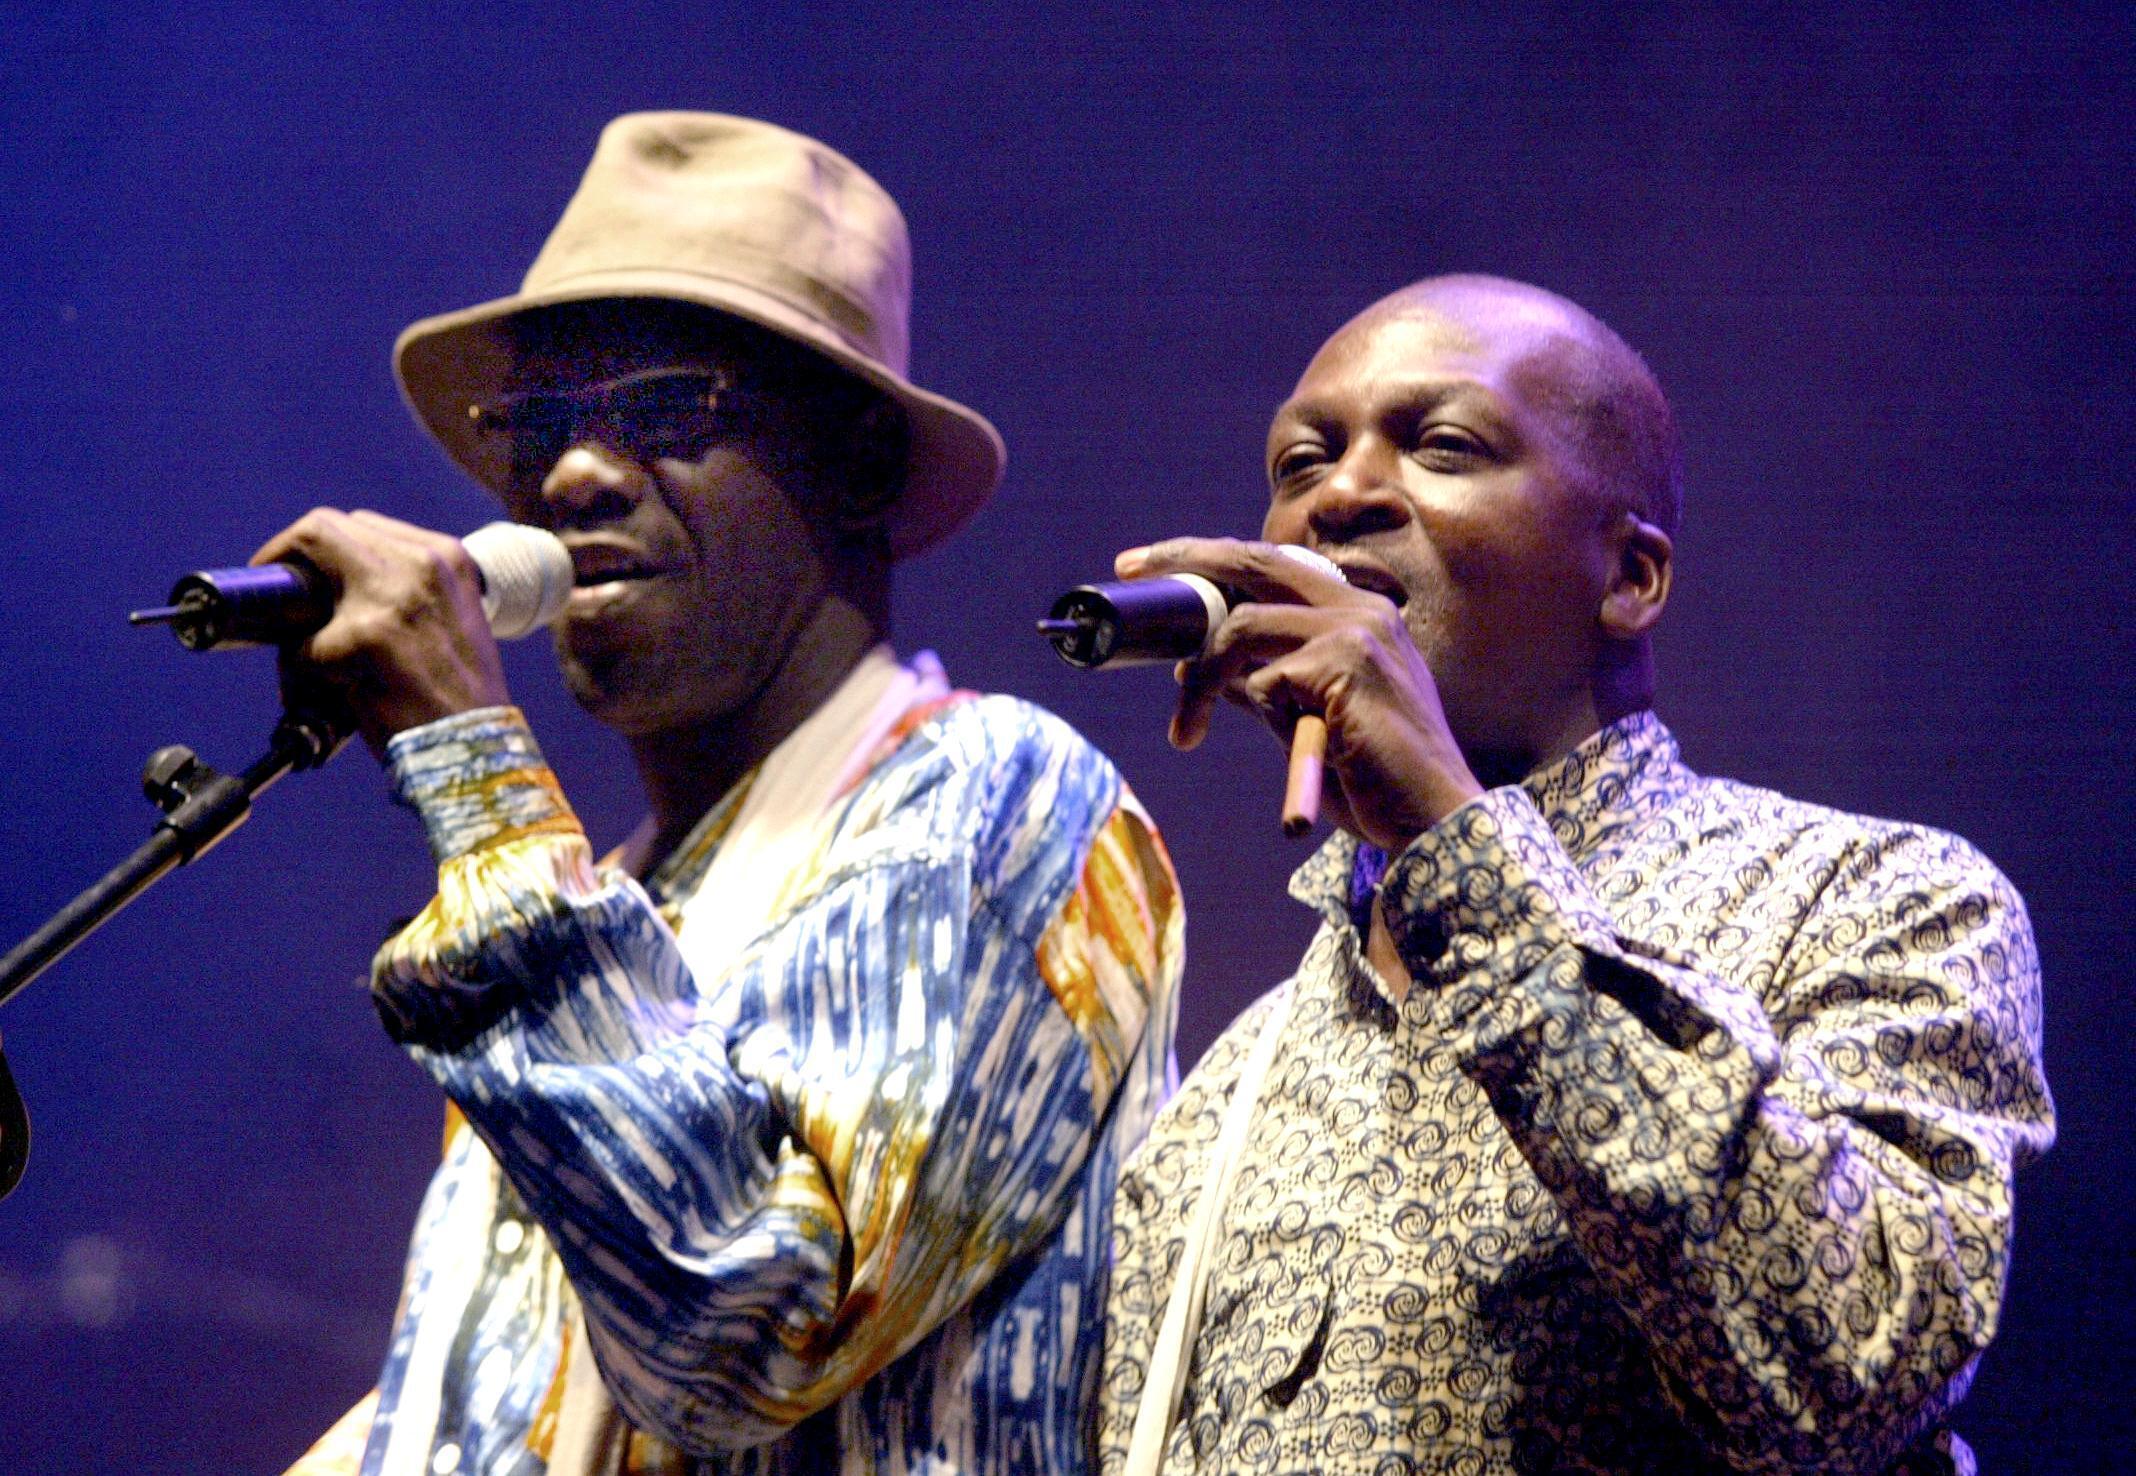 Le groupe sénégalais Touré Kunda en juillet 2004 lors de la 23è édition du festival « Jazz à Montauban ».